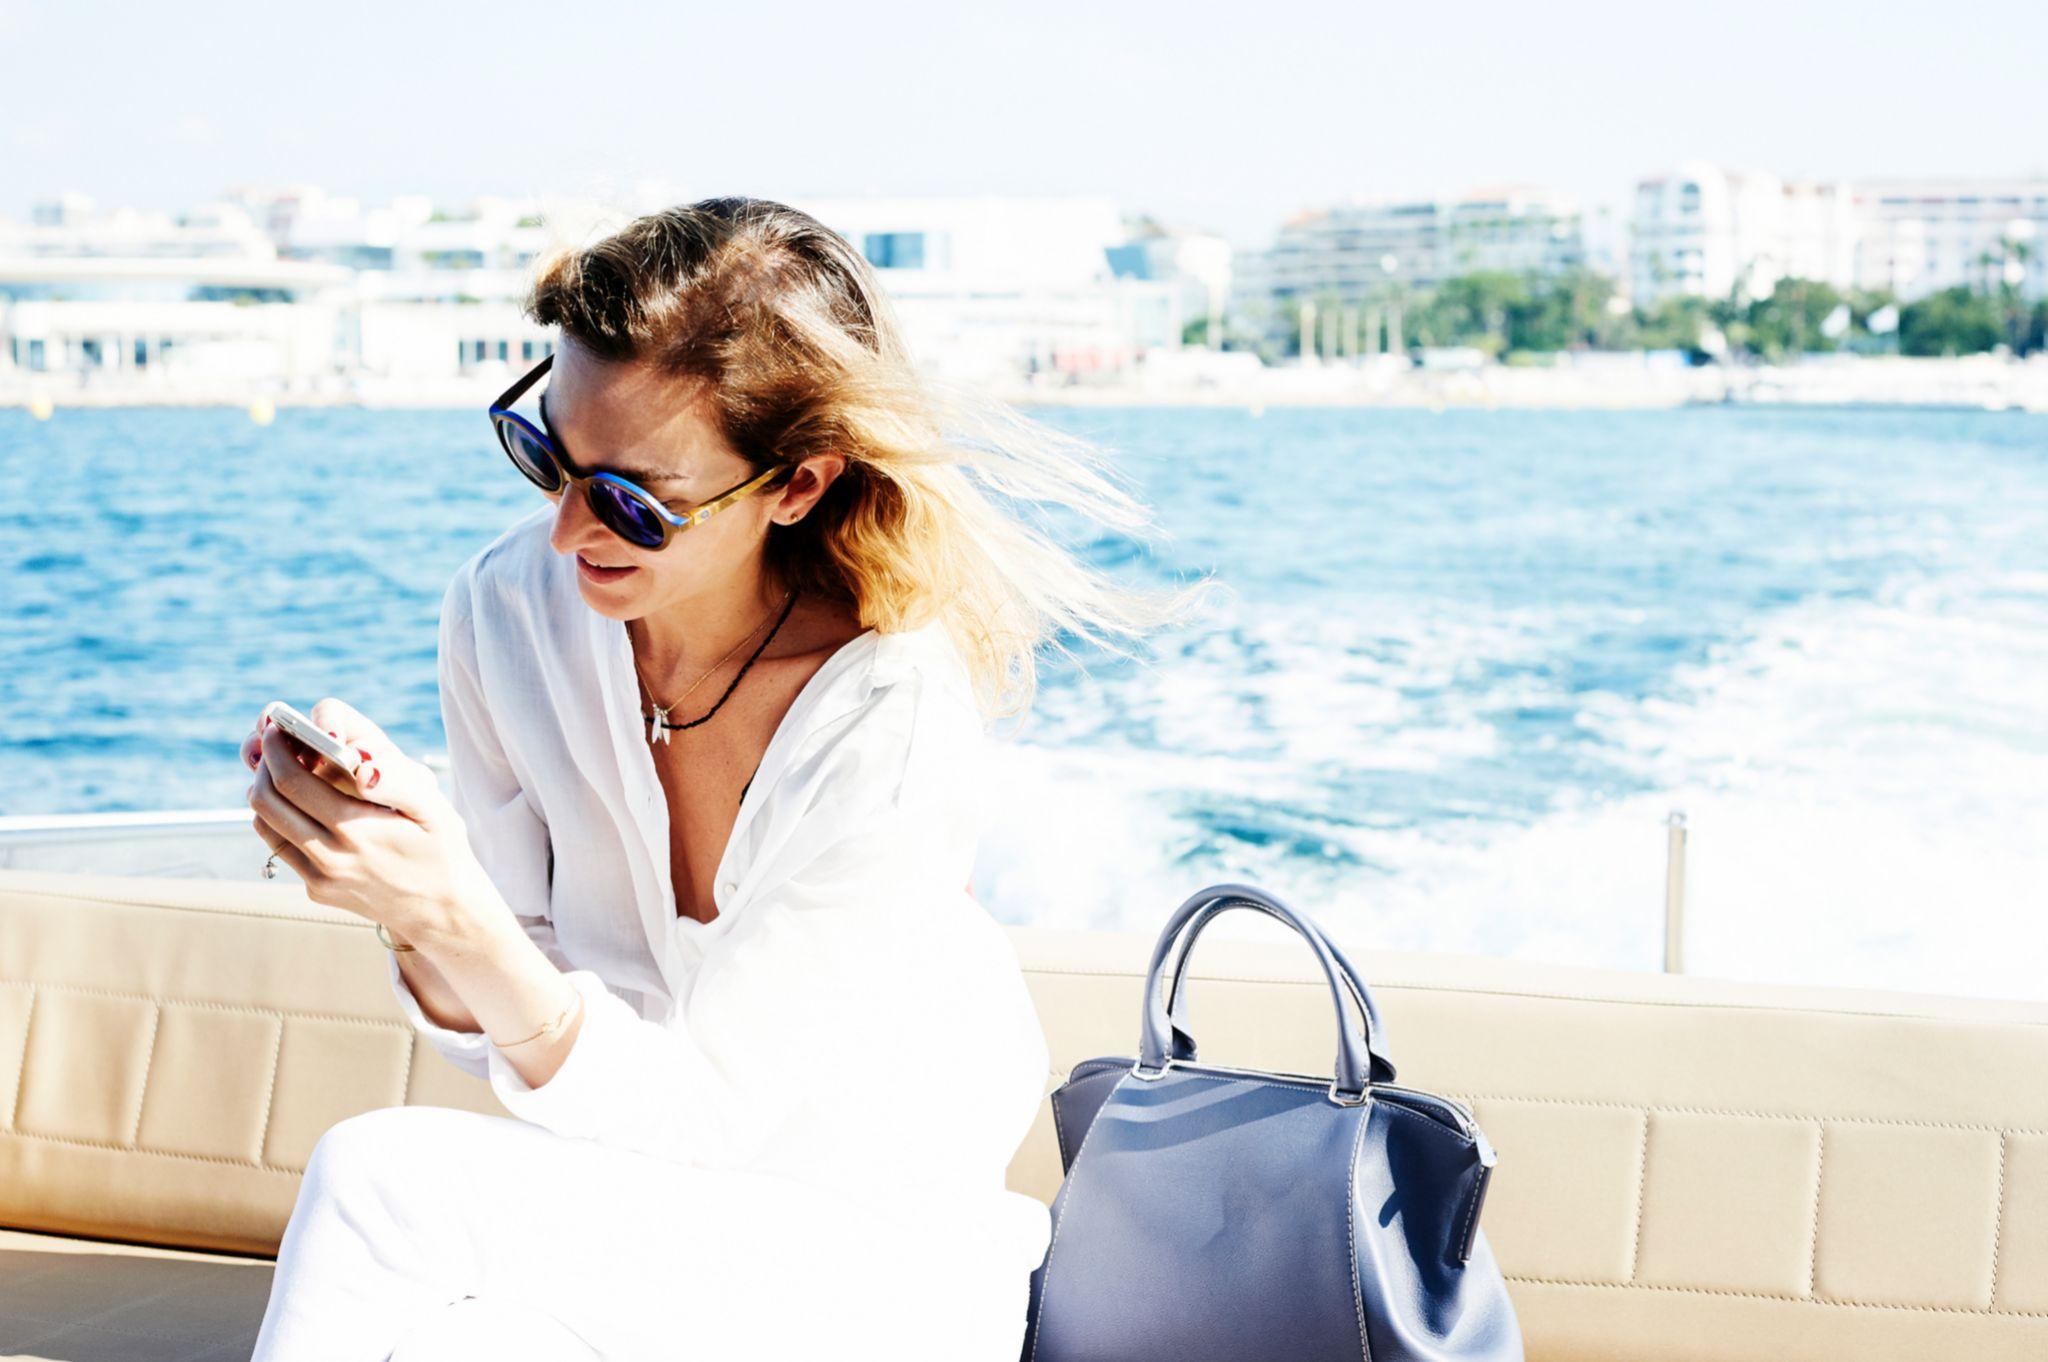 El móvil reclama constantemente nuestra atención, mejor limitarla en vacaciones.